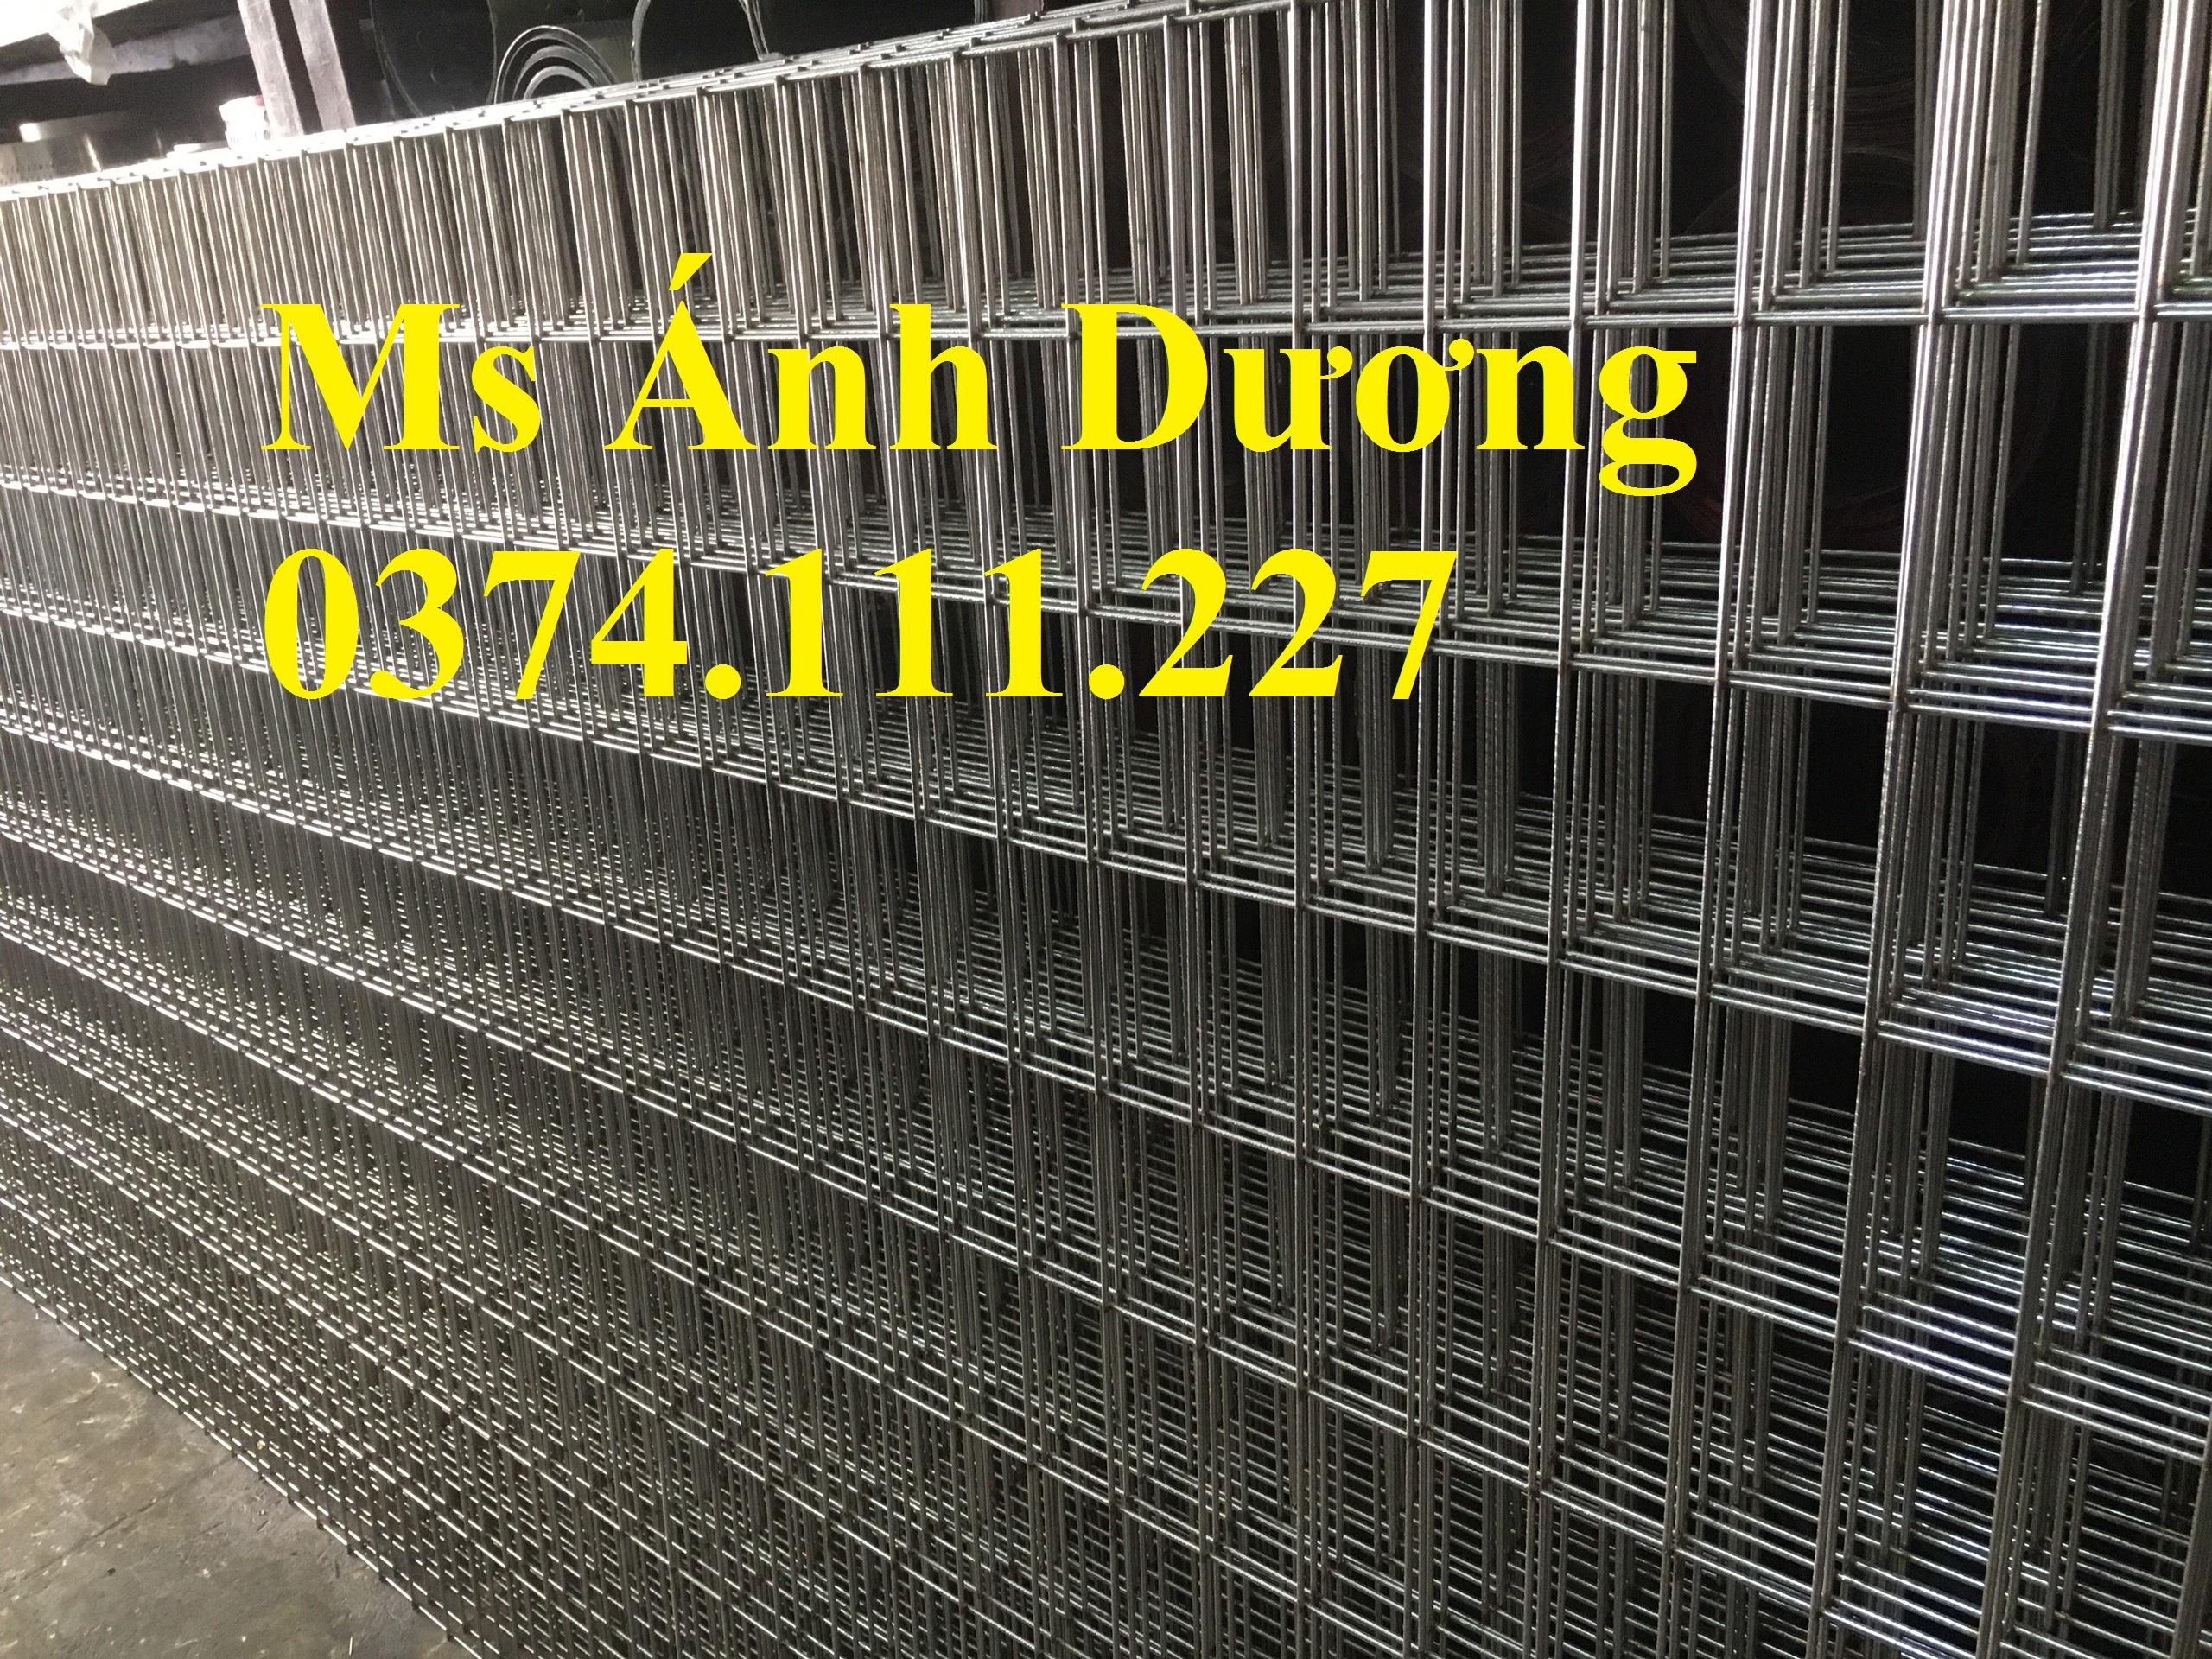 lưới hàn inox, lưới inox hàn, lưới inox 304, lưới mắt cáo inox,